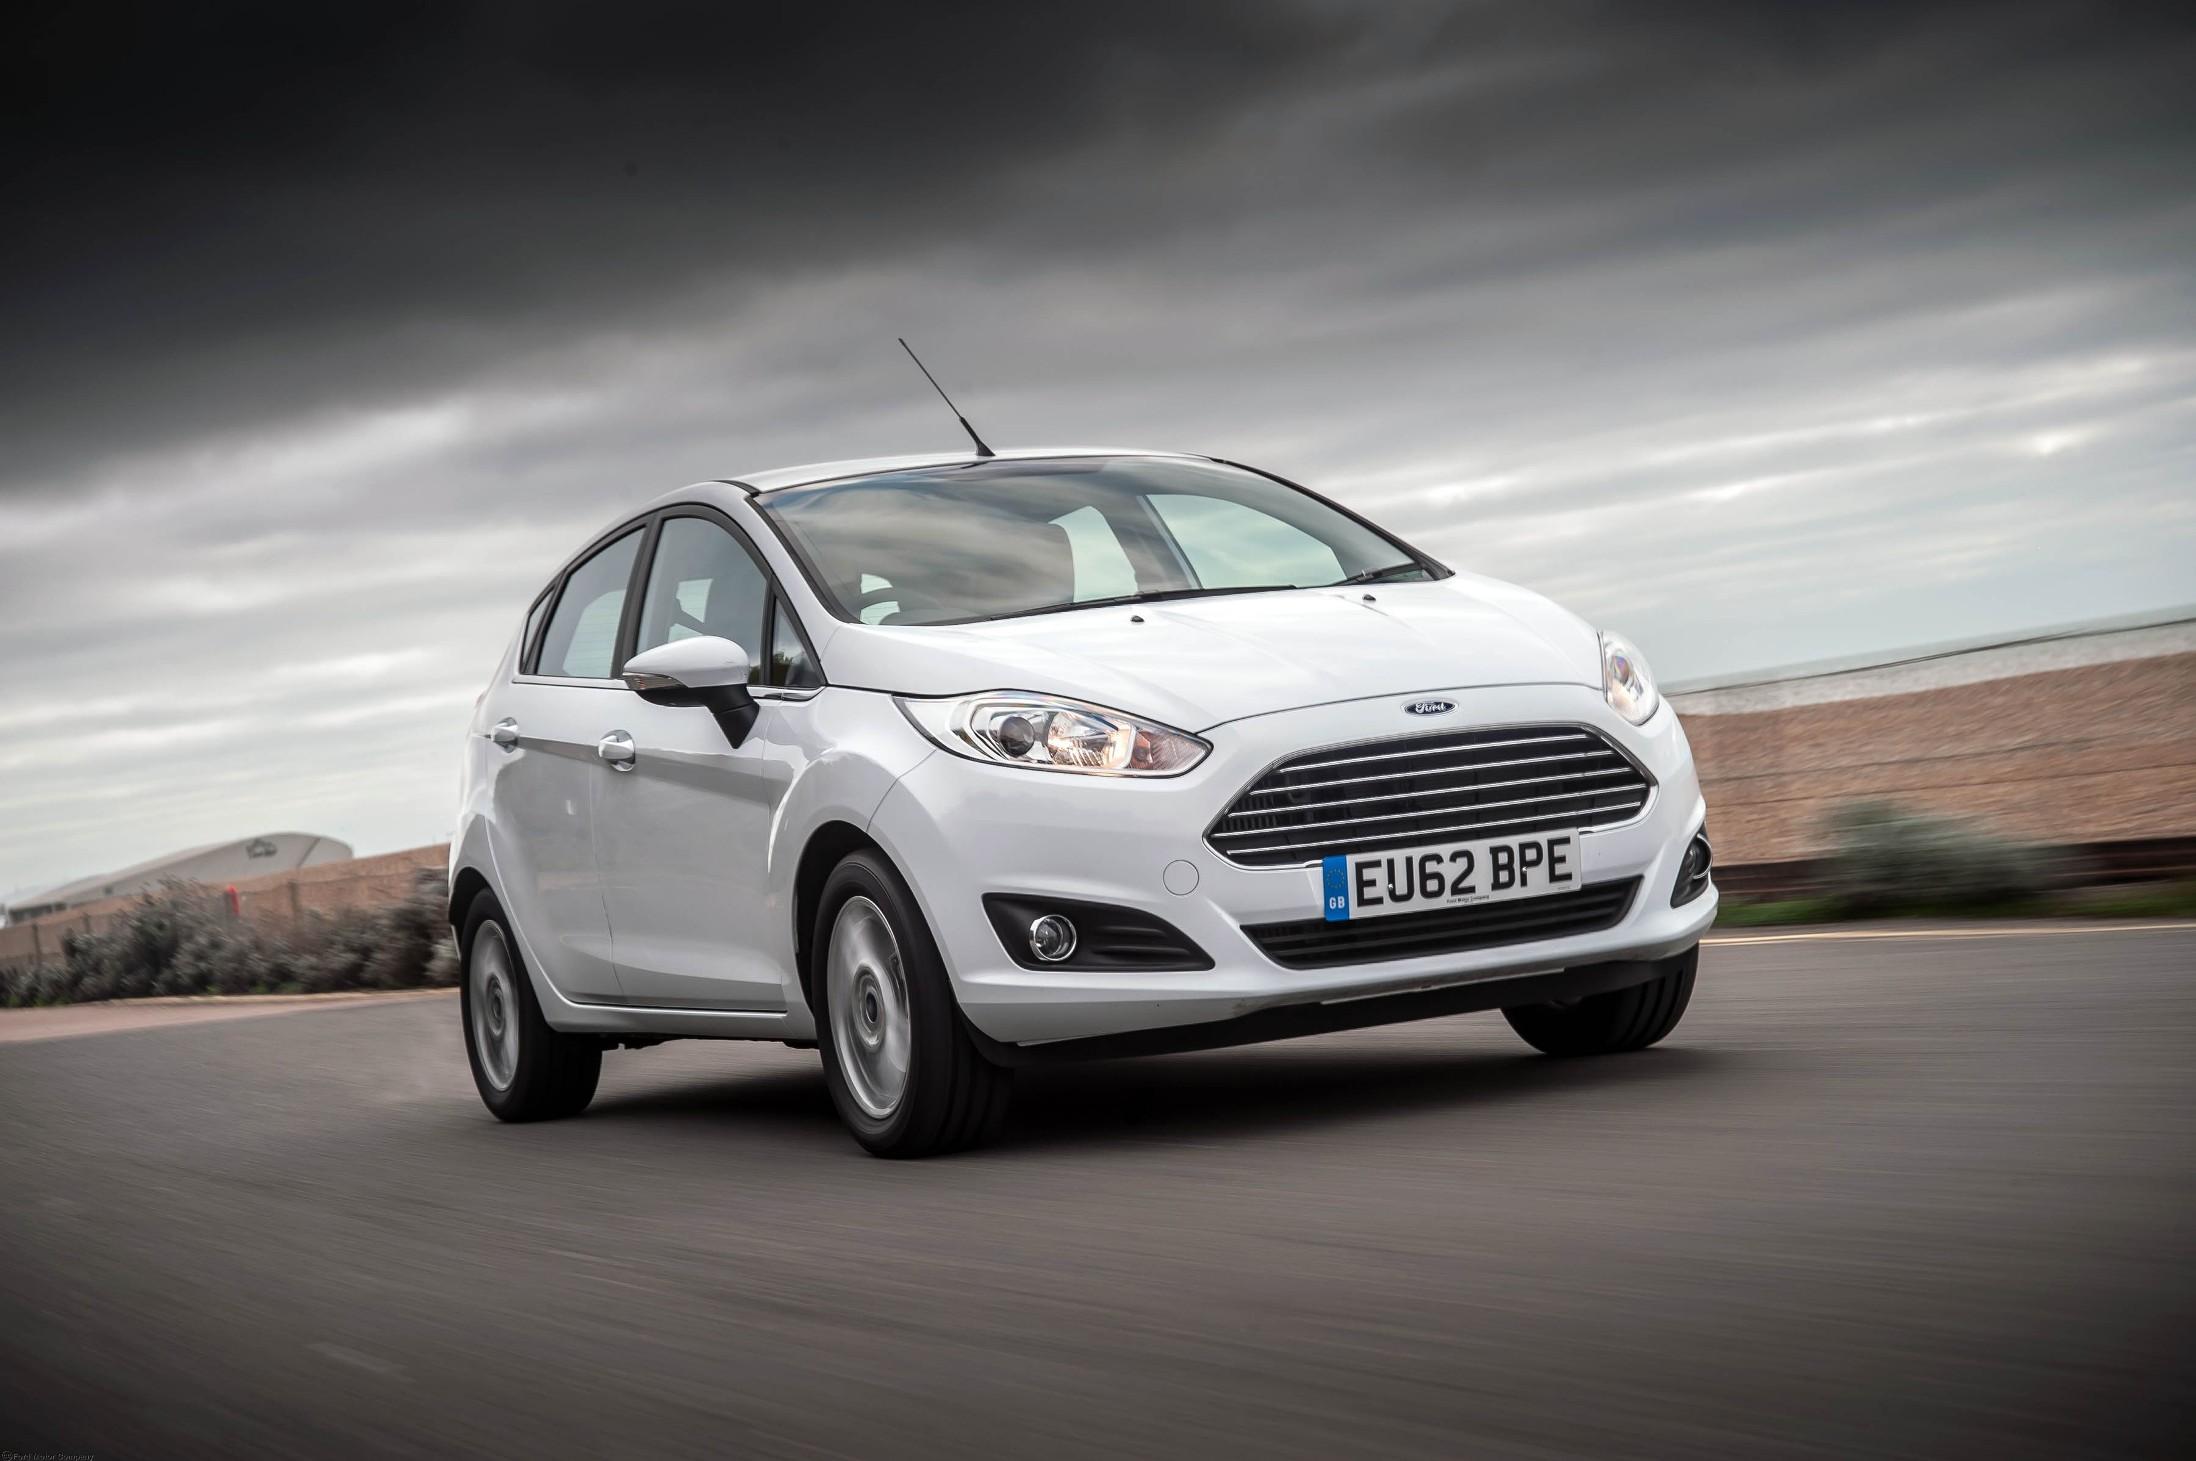 Ford Fiesta najprodavaniji mali automobil u Evropi u prvom kvartalu; svaka dva minuta proda se po jedna nova Fiesta